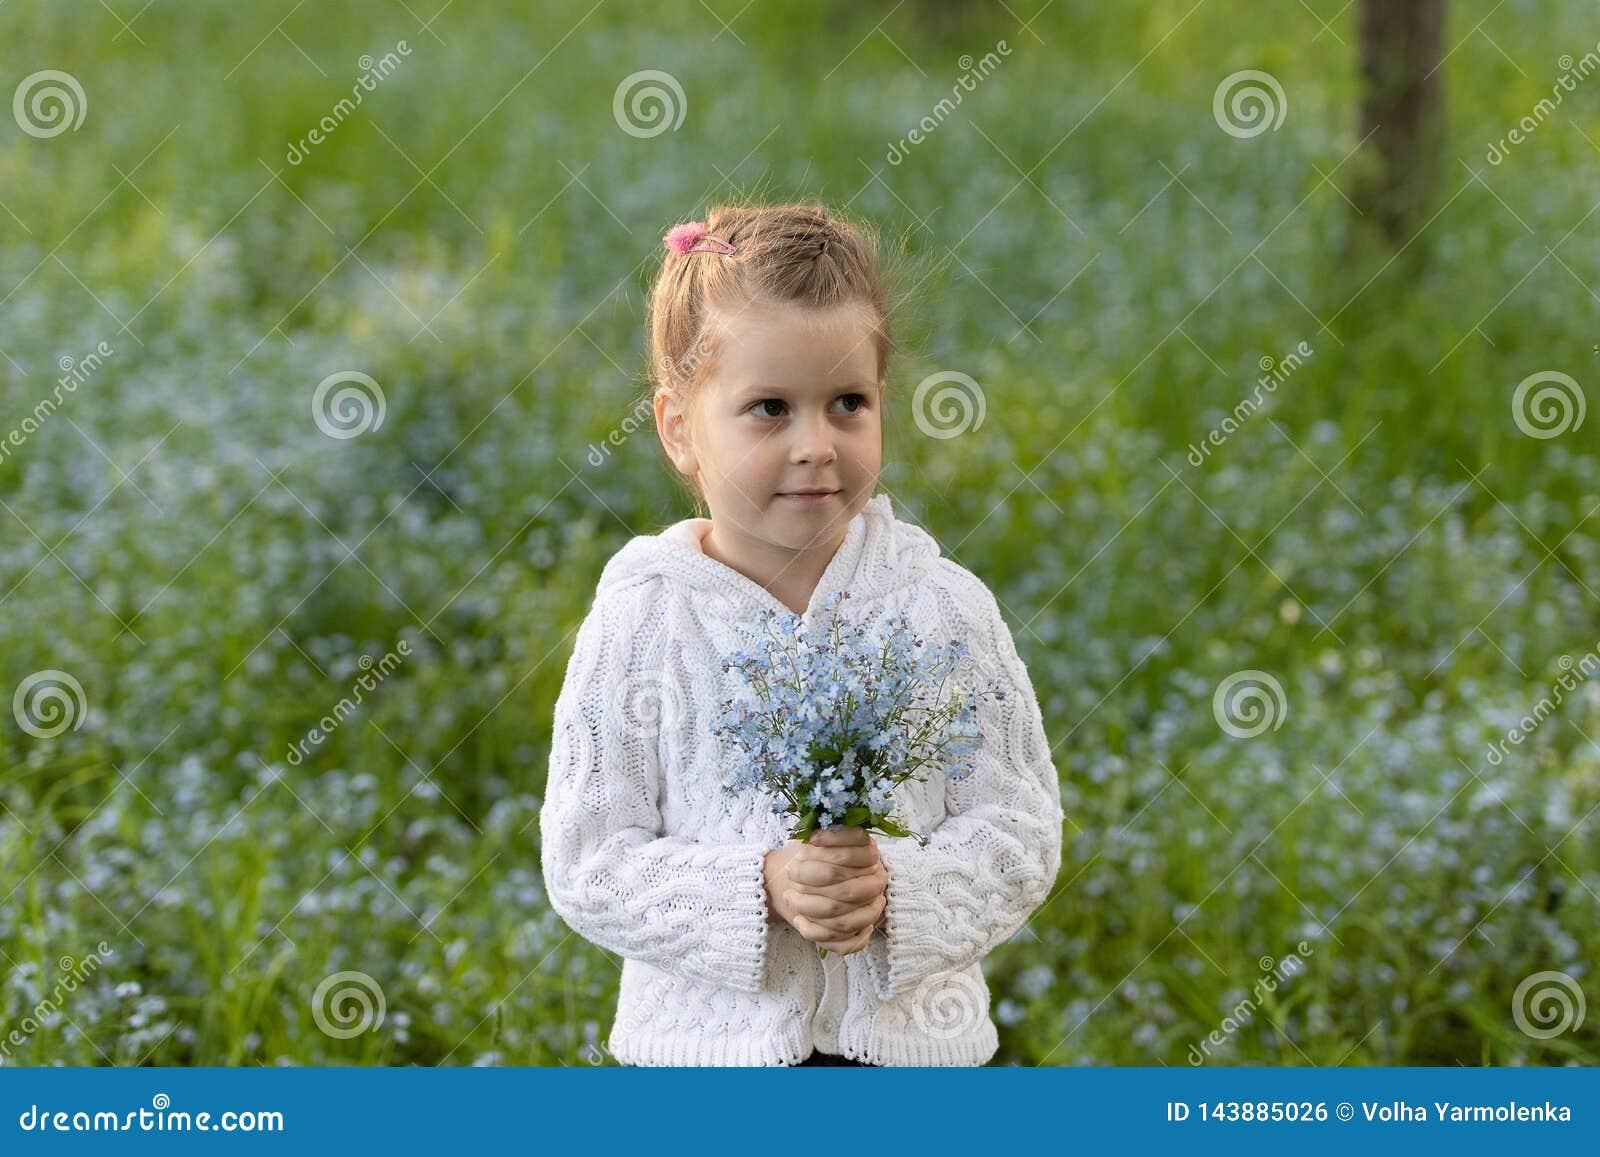 Wenig Mädchen mit einem Blumenstrauß von Vergissmeinnichten in ihren Händen auf einer geblühten Wiese